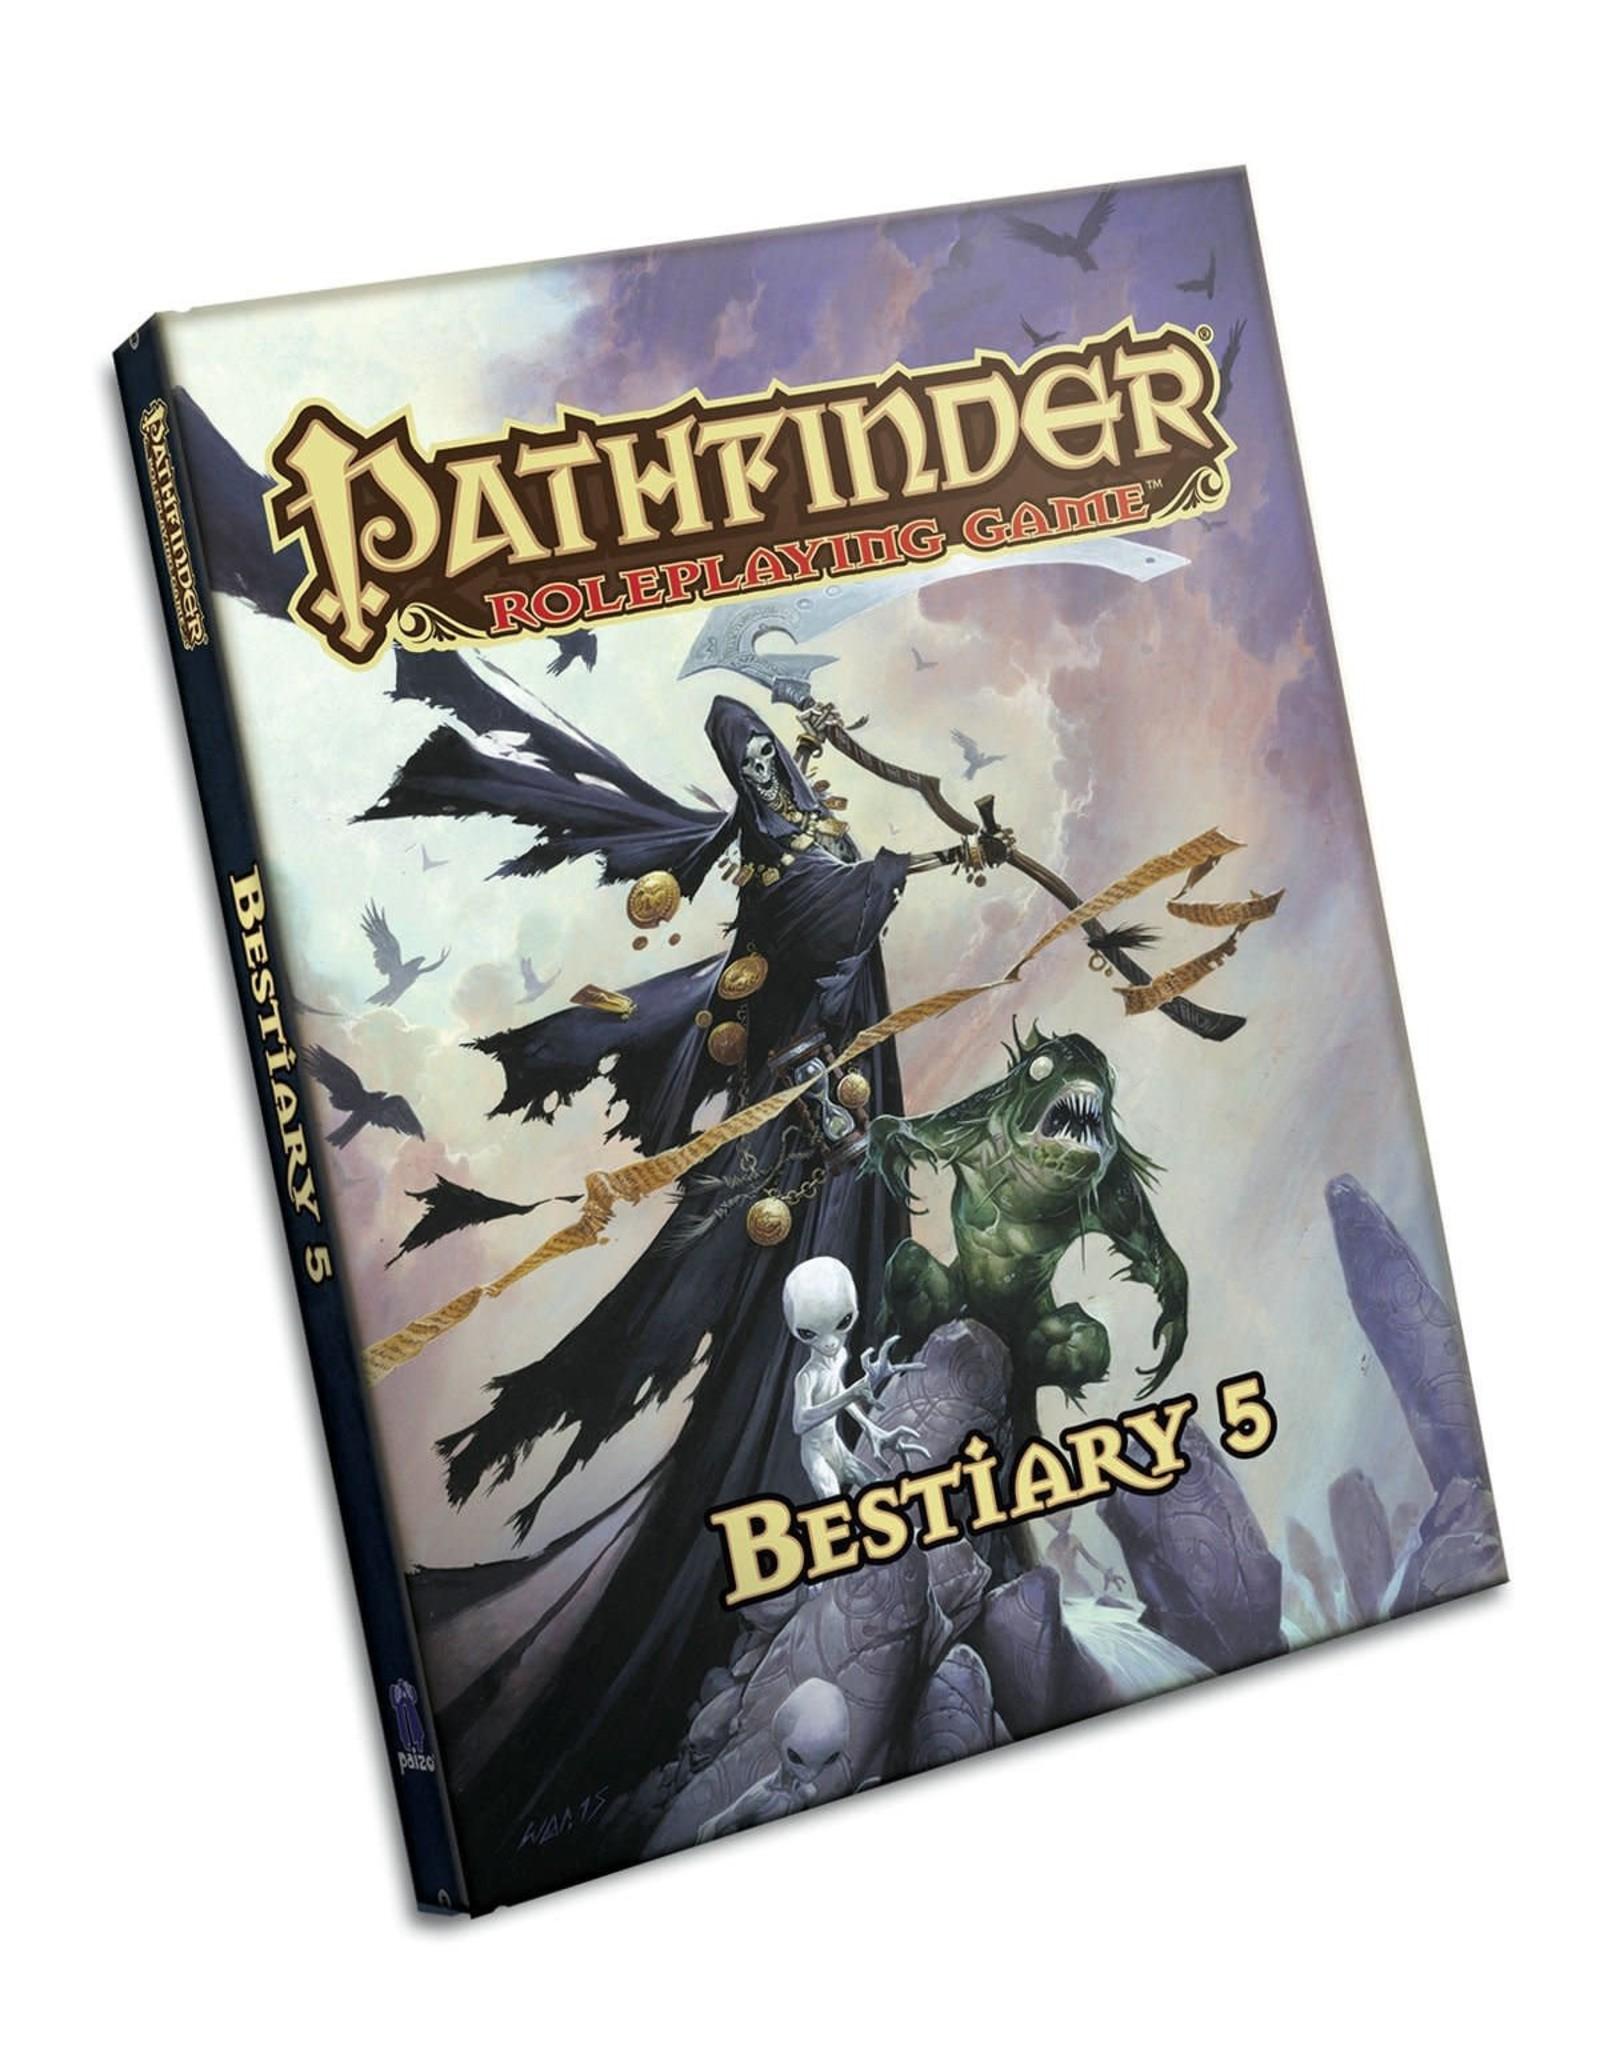 Pathfinder RPG Bestiary 5